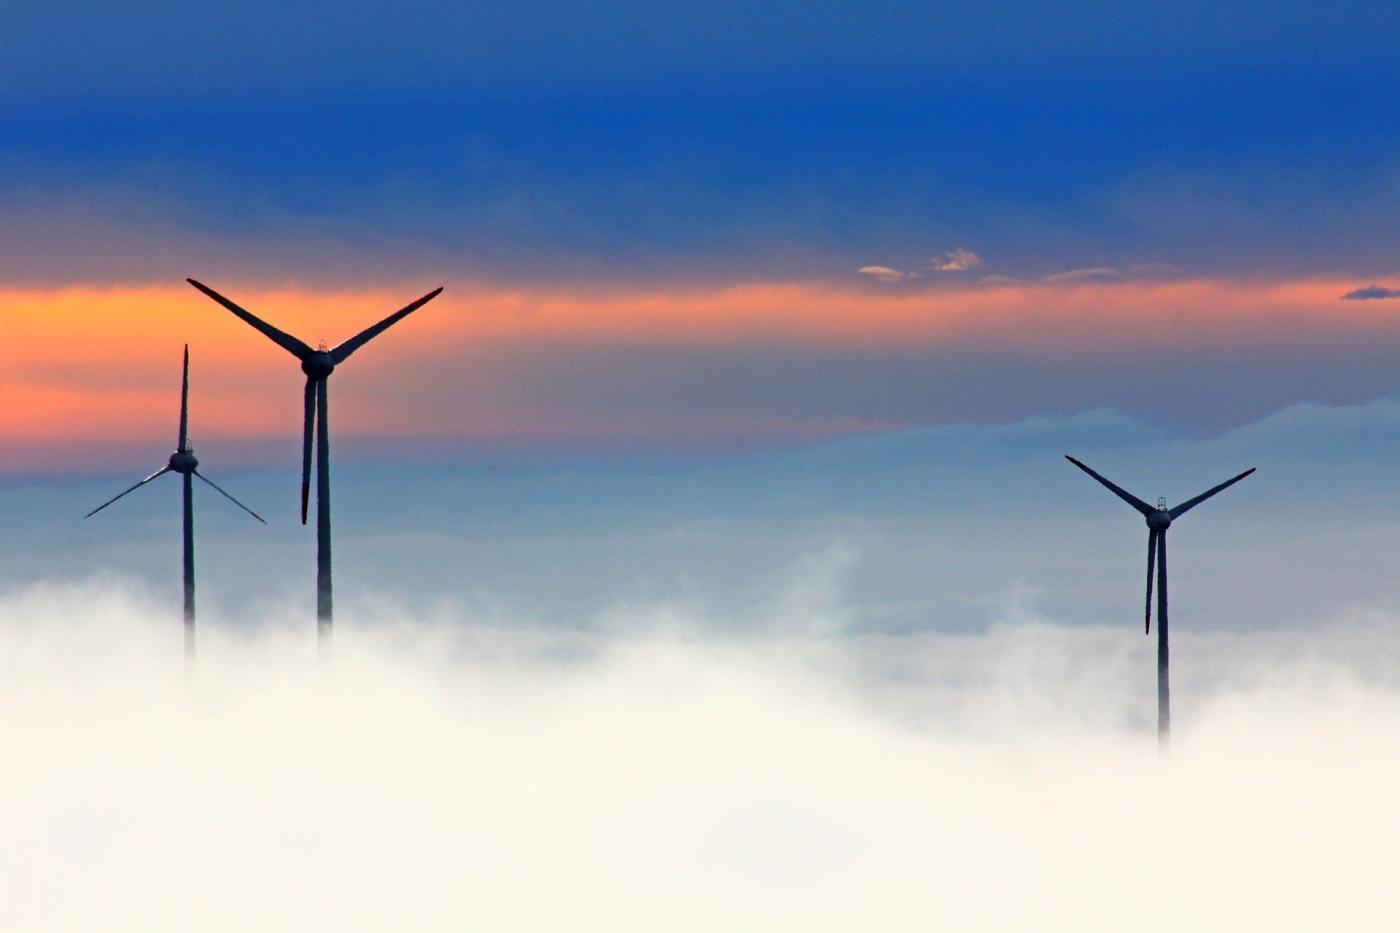 Polska coraz bardziej eko. Kopalnie zostaną muzeami, aenergia będzie zesłońca iwiatru?